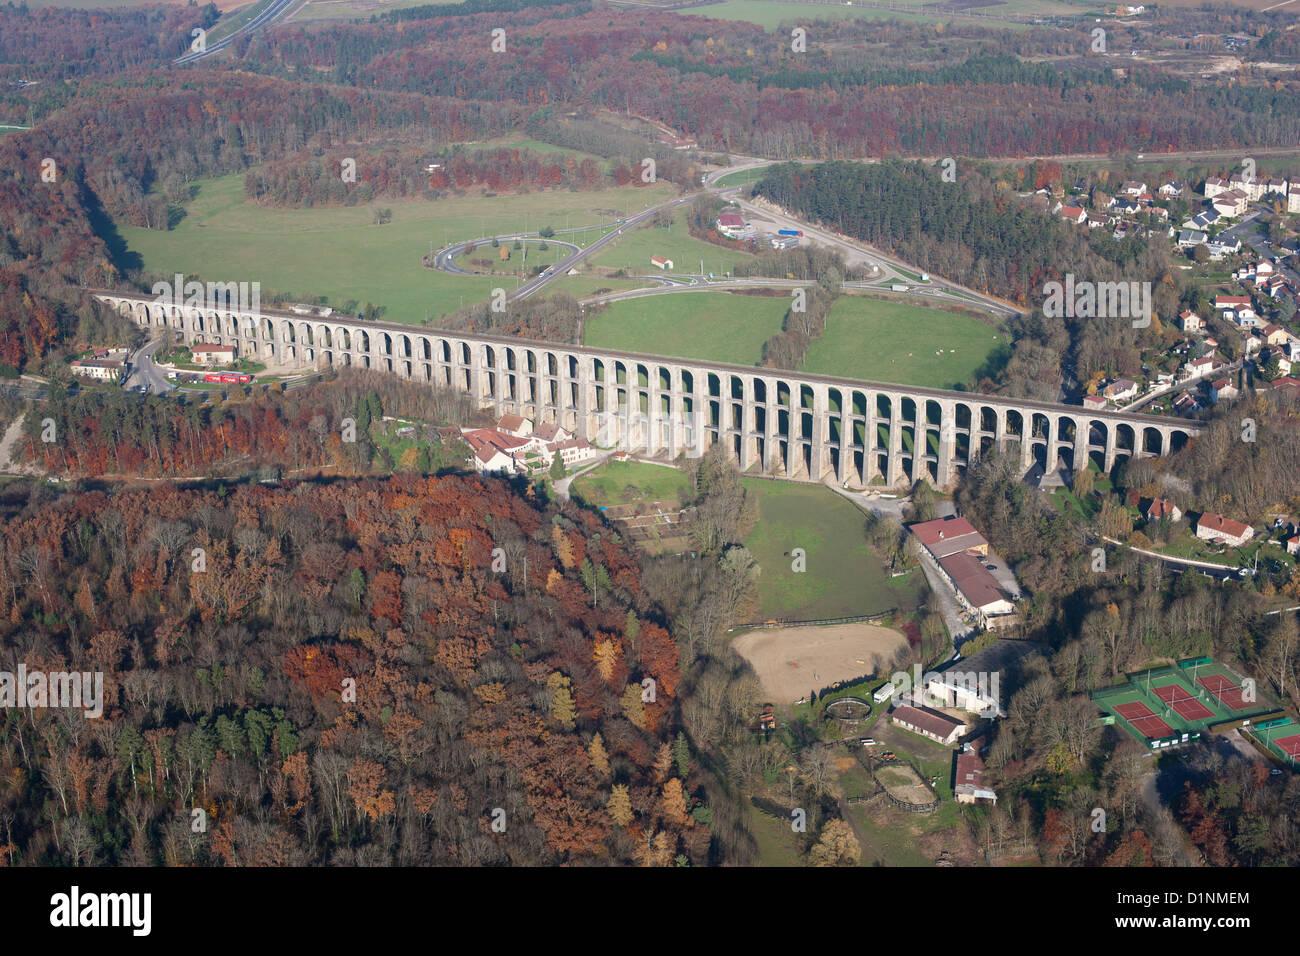 Viaducto de piedra de tres pisos (vista aérea). Construido el año 1857, línea férrea Paris-Basel. Imagen De Stock